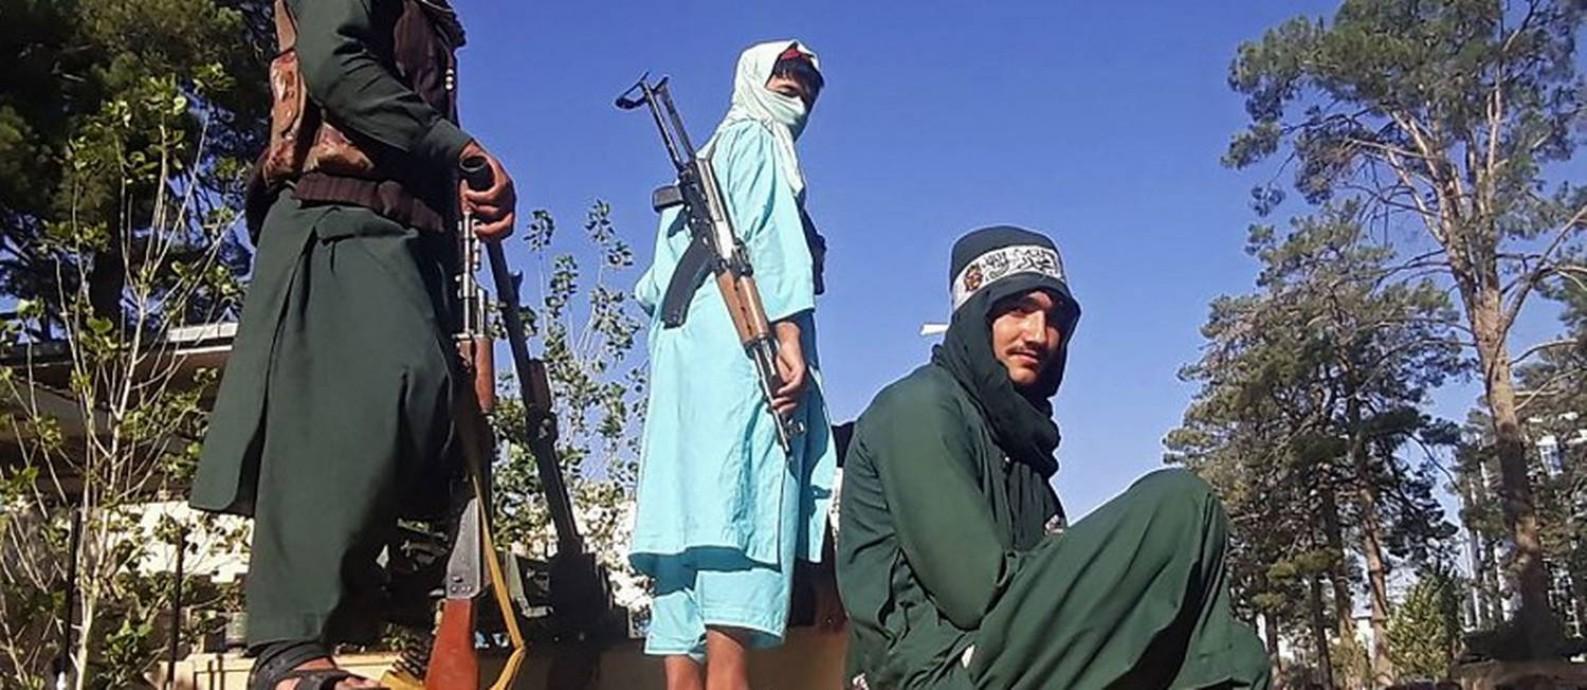 Talibãs ocupam posto de controle em Herat, perto da fronteira com o Irã. Terceira maior cidade do Afeganistão foi tomada pela milícia na semana passada Foto: AFP 13-8-21